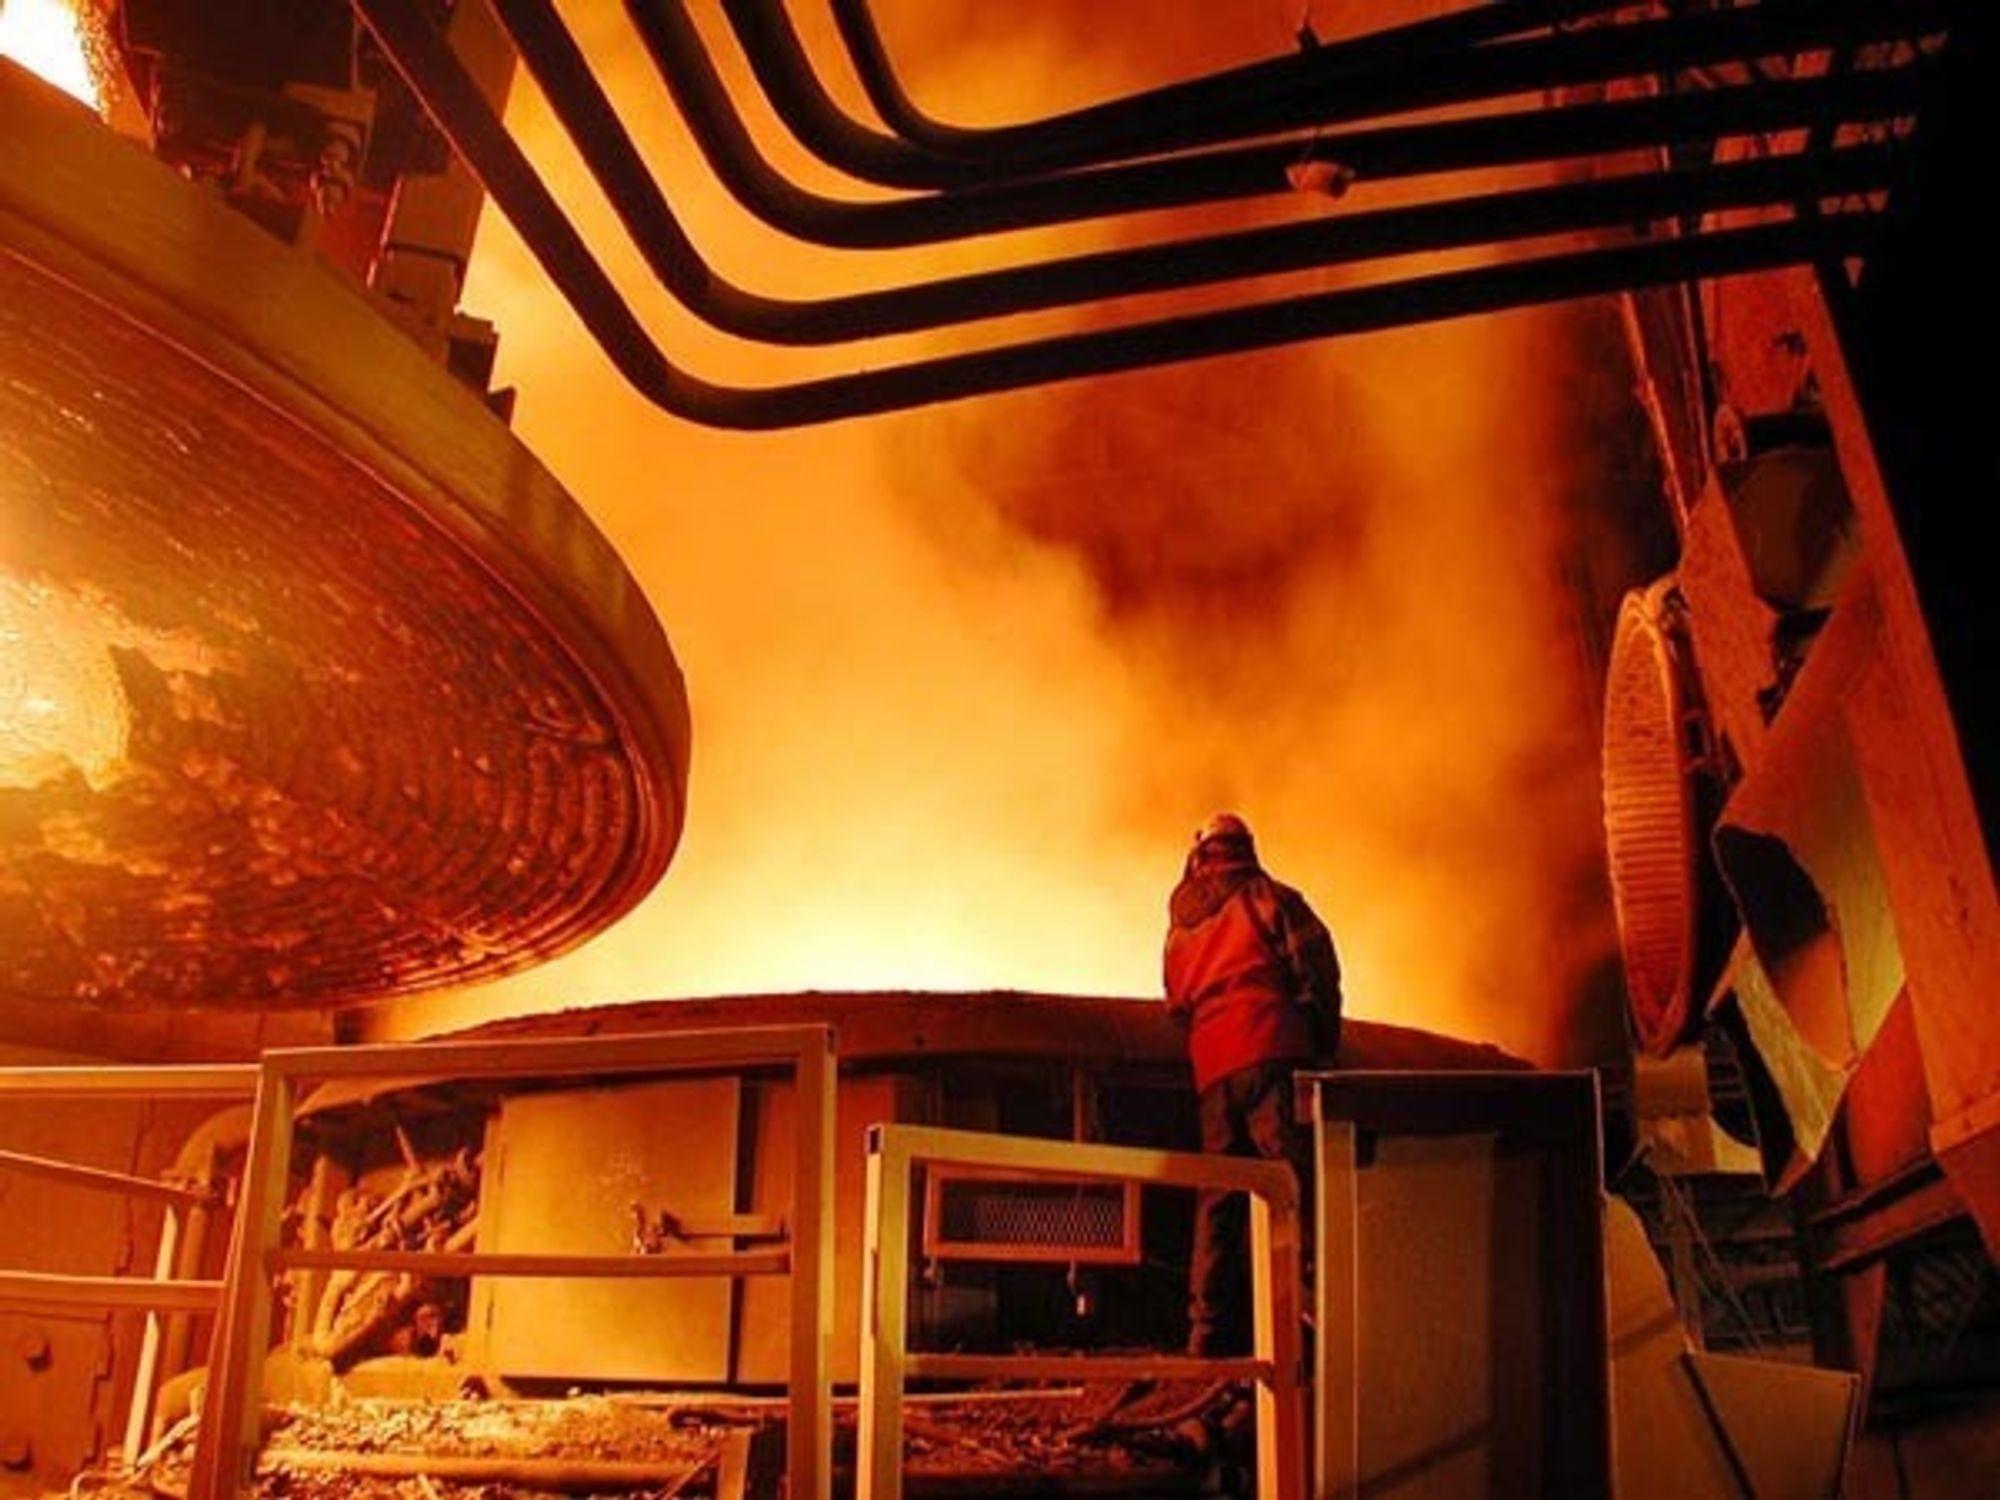 UT GJENNOM TAKET: 226 tonn ulovlig støv har i mange år blitt sluppet ut gjennom åpninger i taket til Celsa Armeringsstål (tidligere). Utslippet har aldri vært innrapportert.